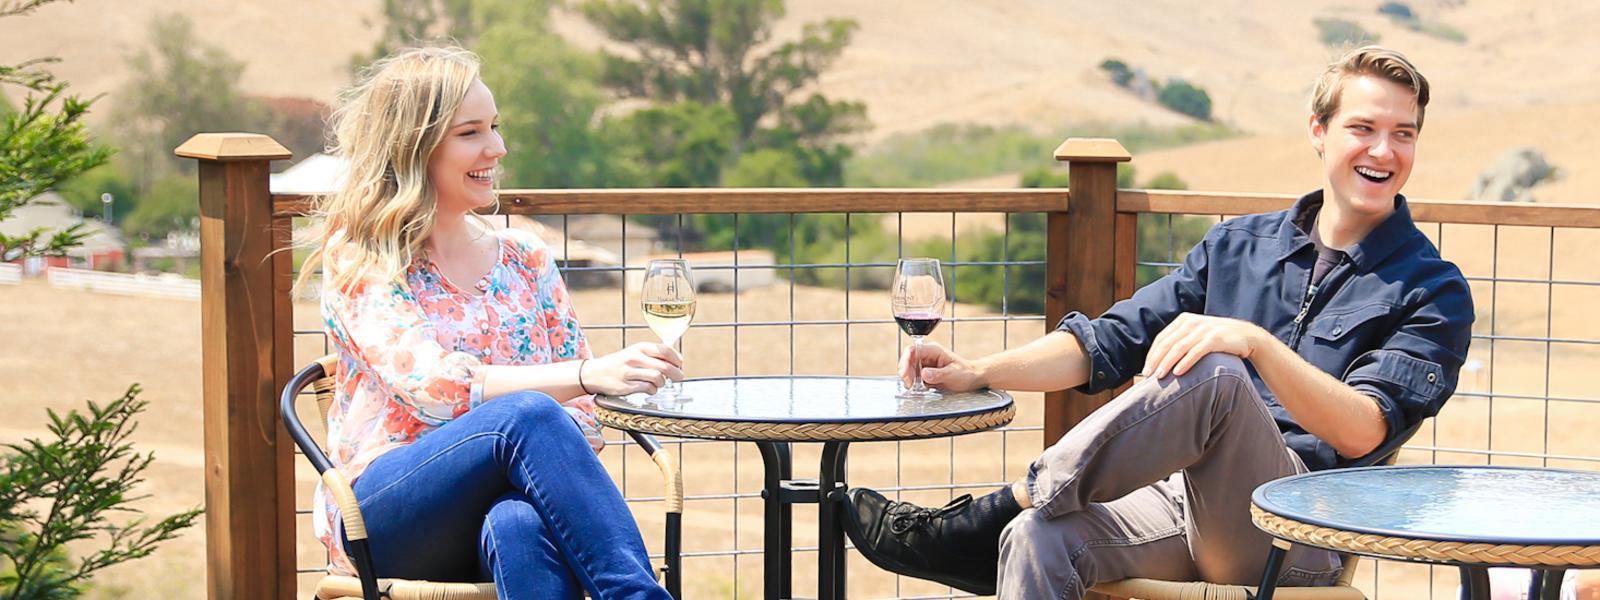 Wine Tasting in Harmony